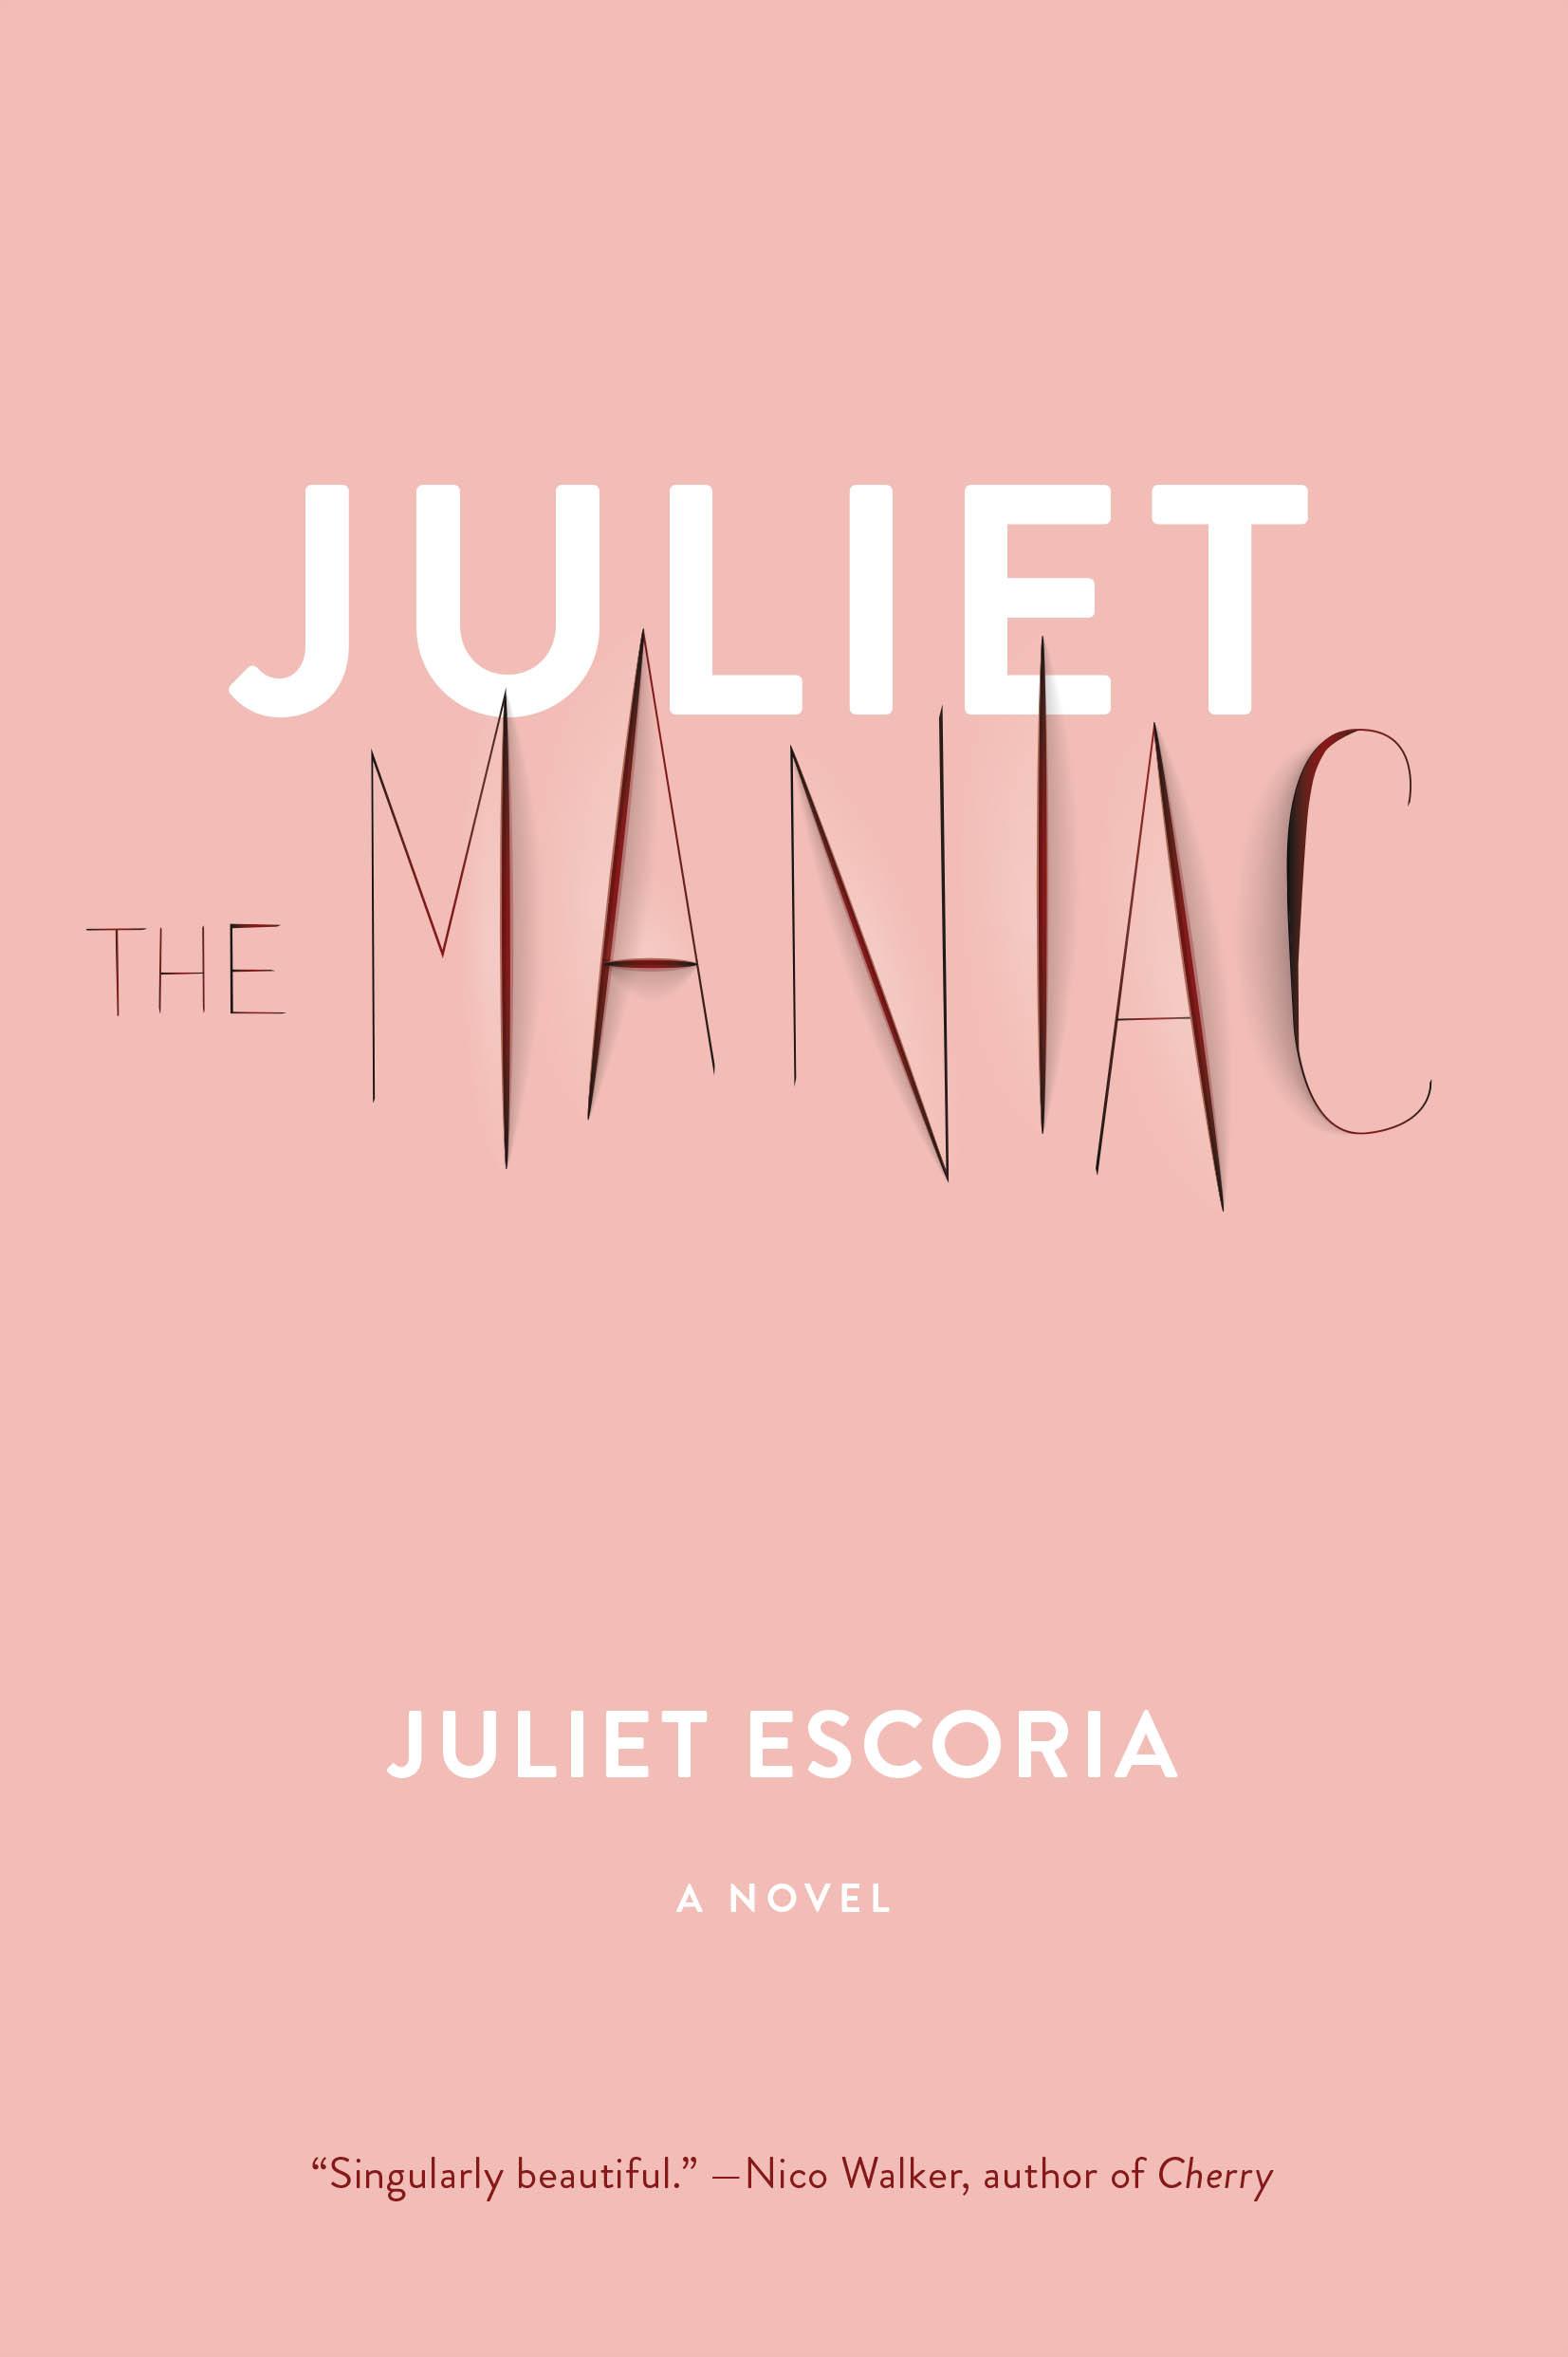 Juliet the Maniac,' by Juliet Escoria book review - The